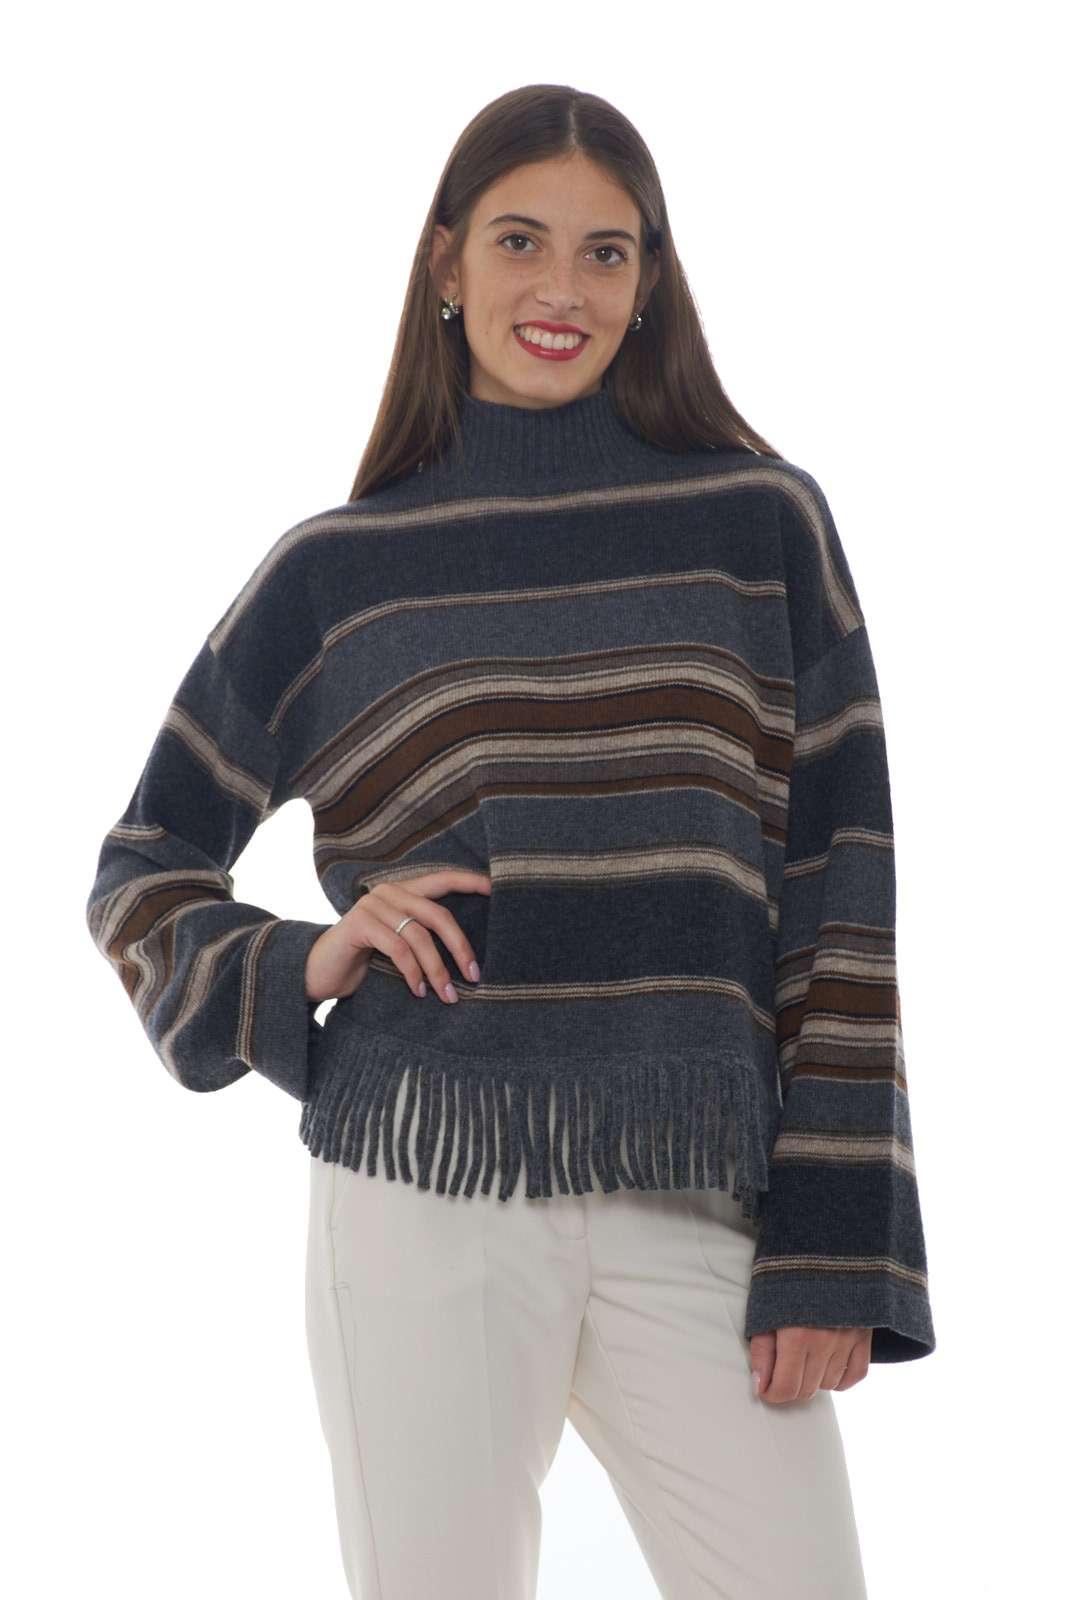 https://www.parmax.com/media/catalog/product/a/i/AI-outlet_parmax-maglia-donna-MaxMara-53662093-A.jpg